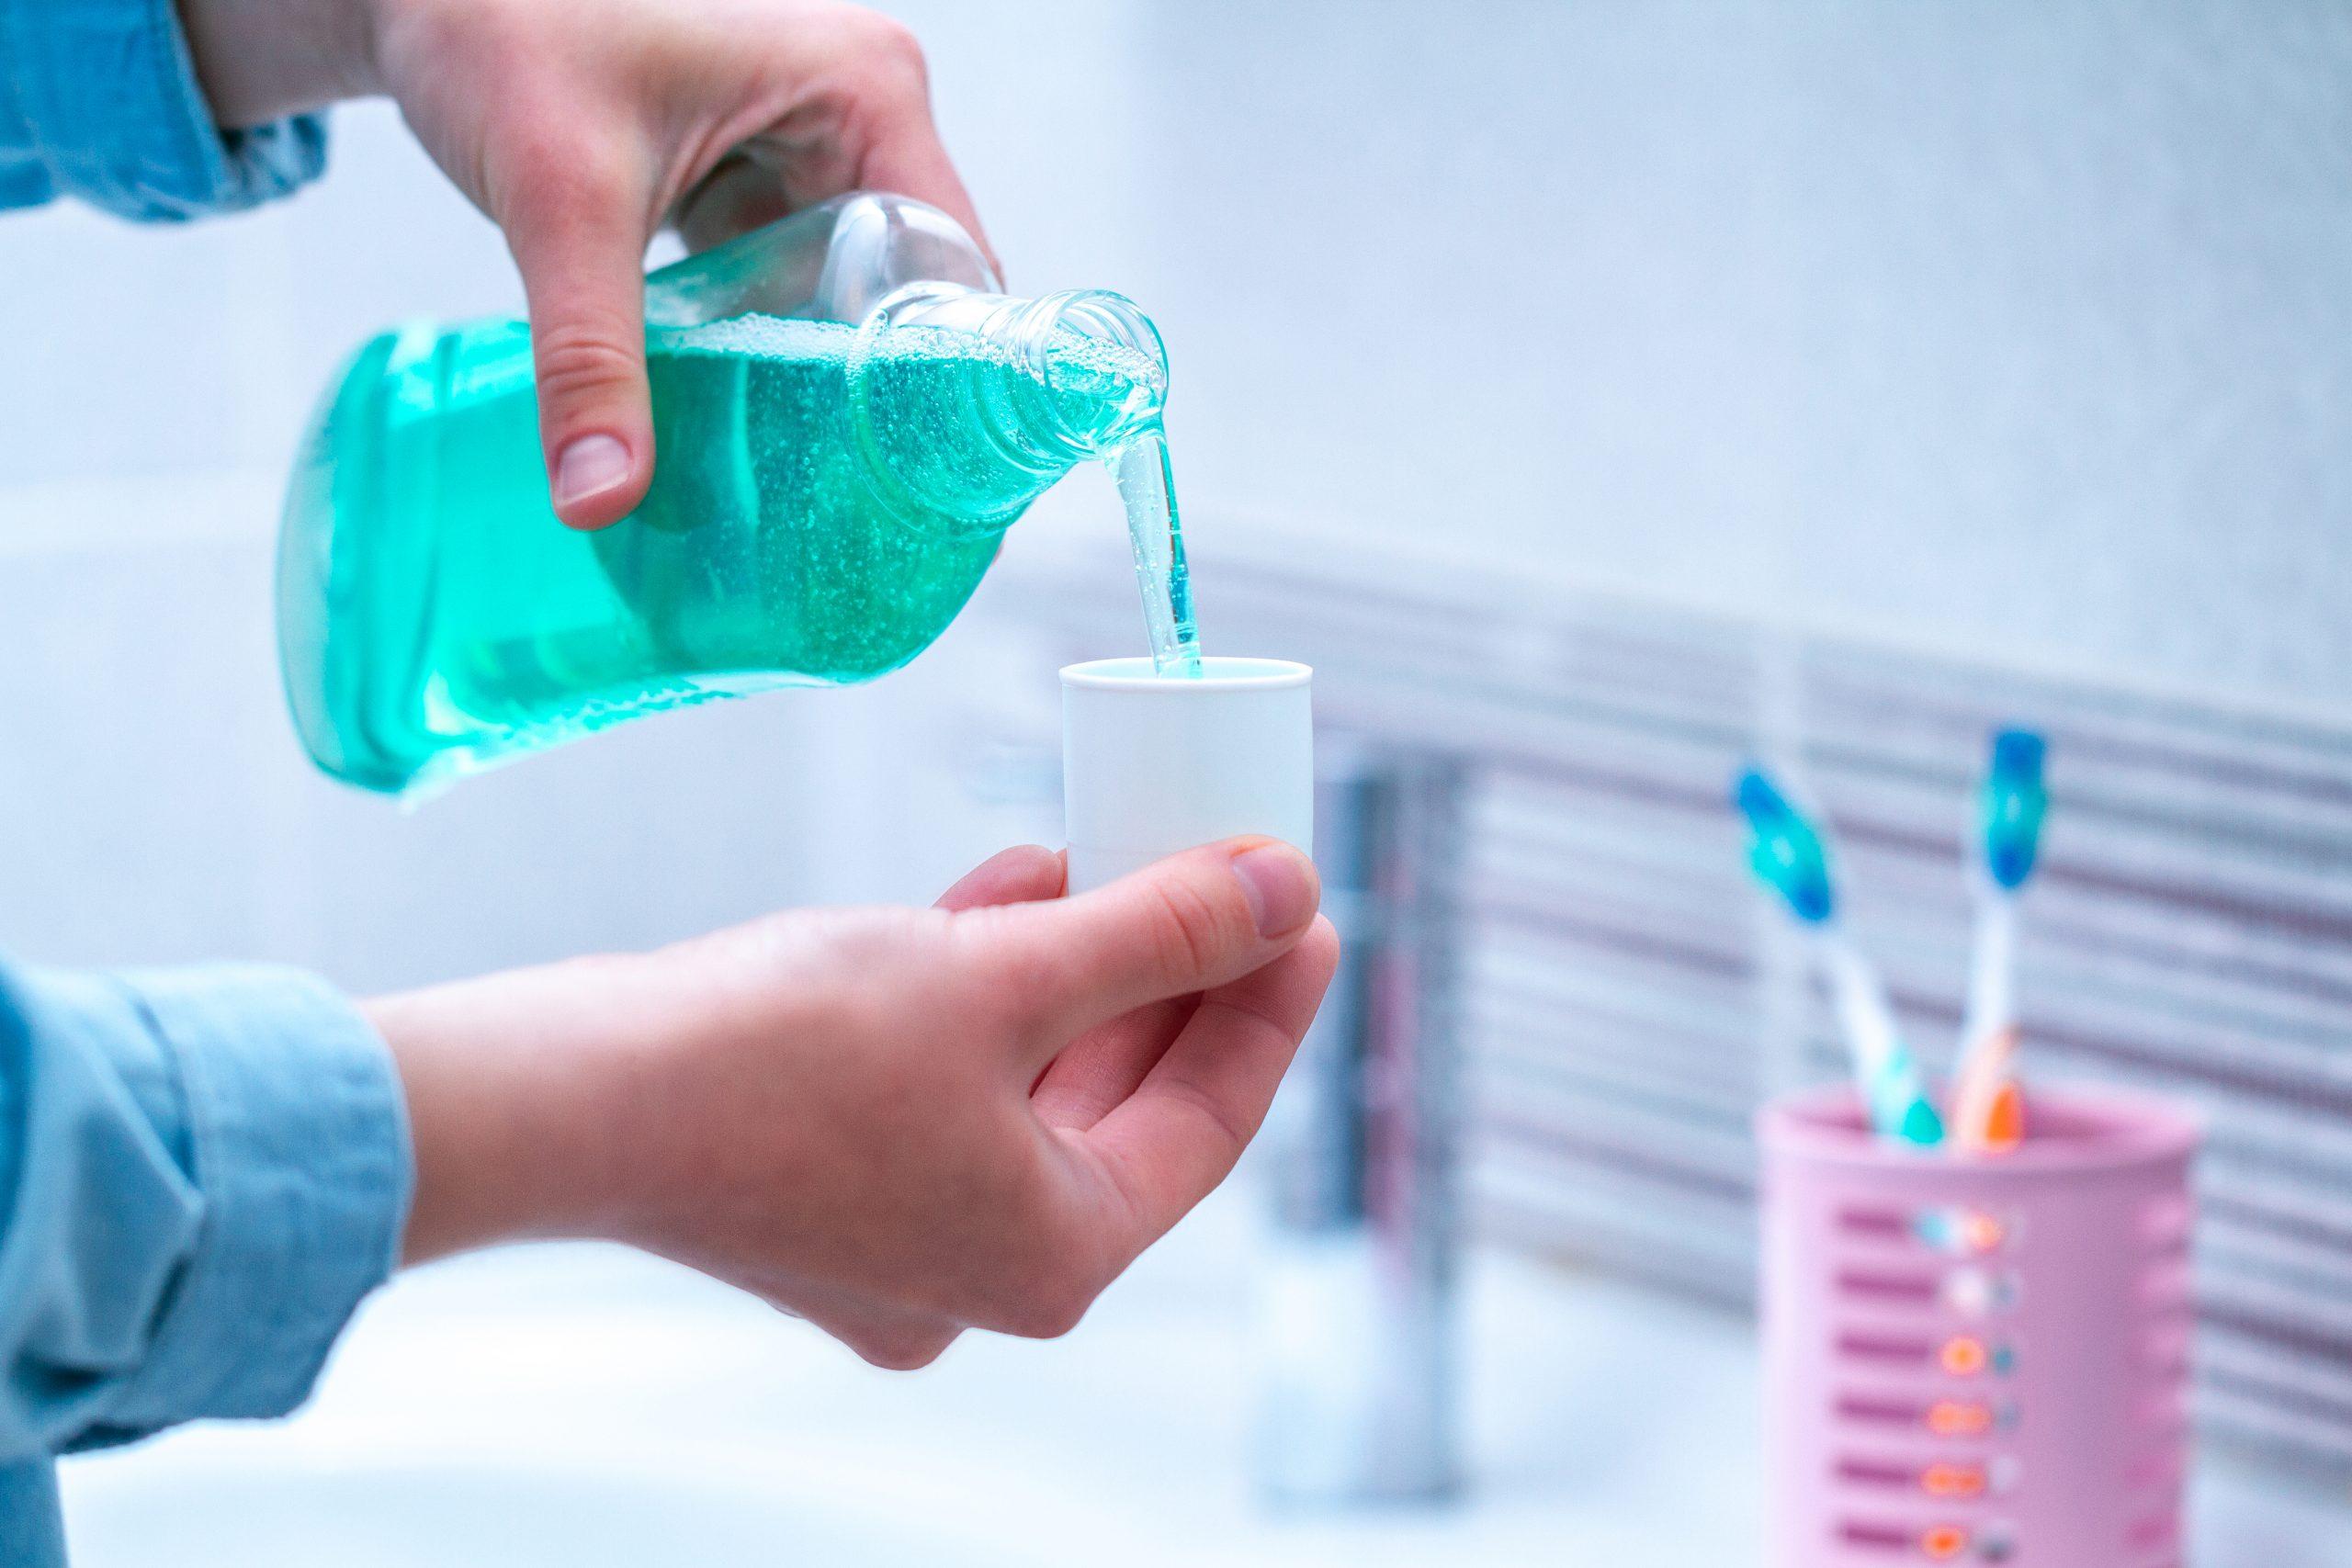 Le proprietà antibatteriche del collutorio alla Clorexidina